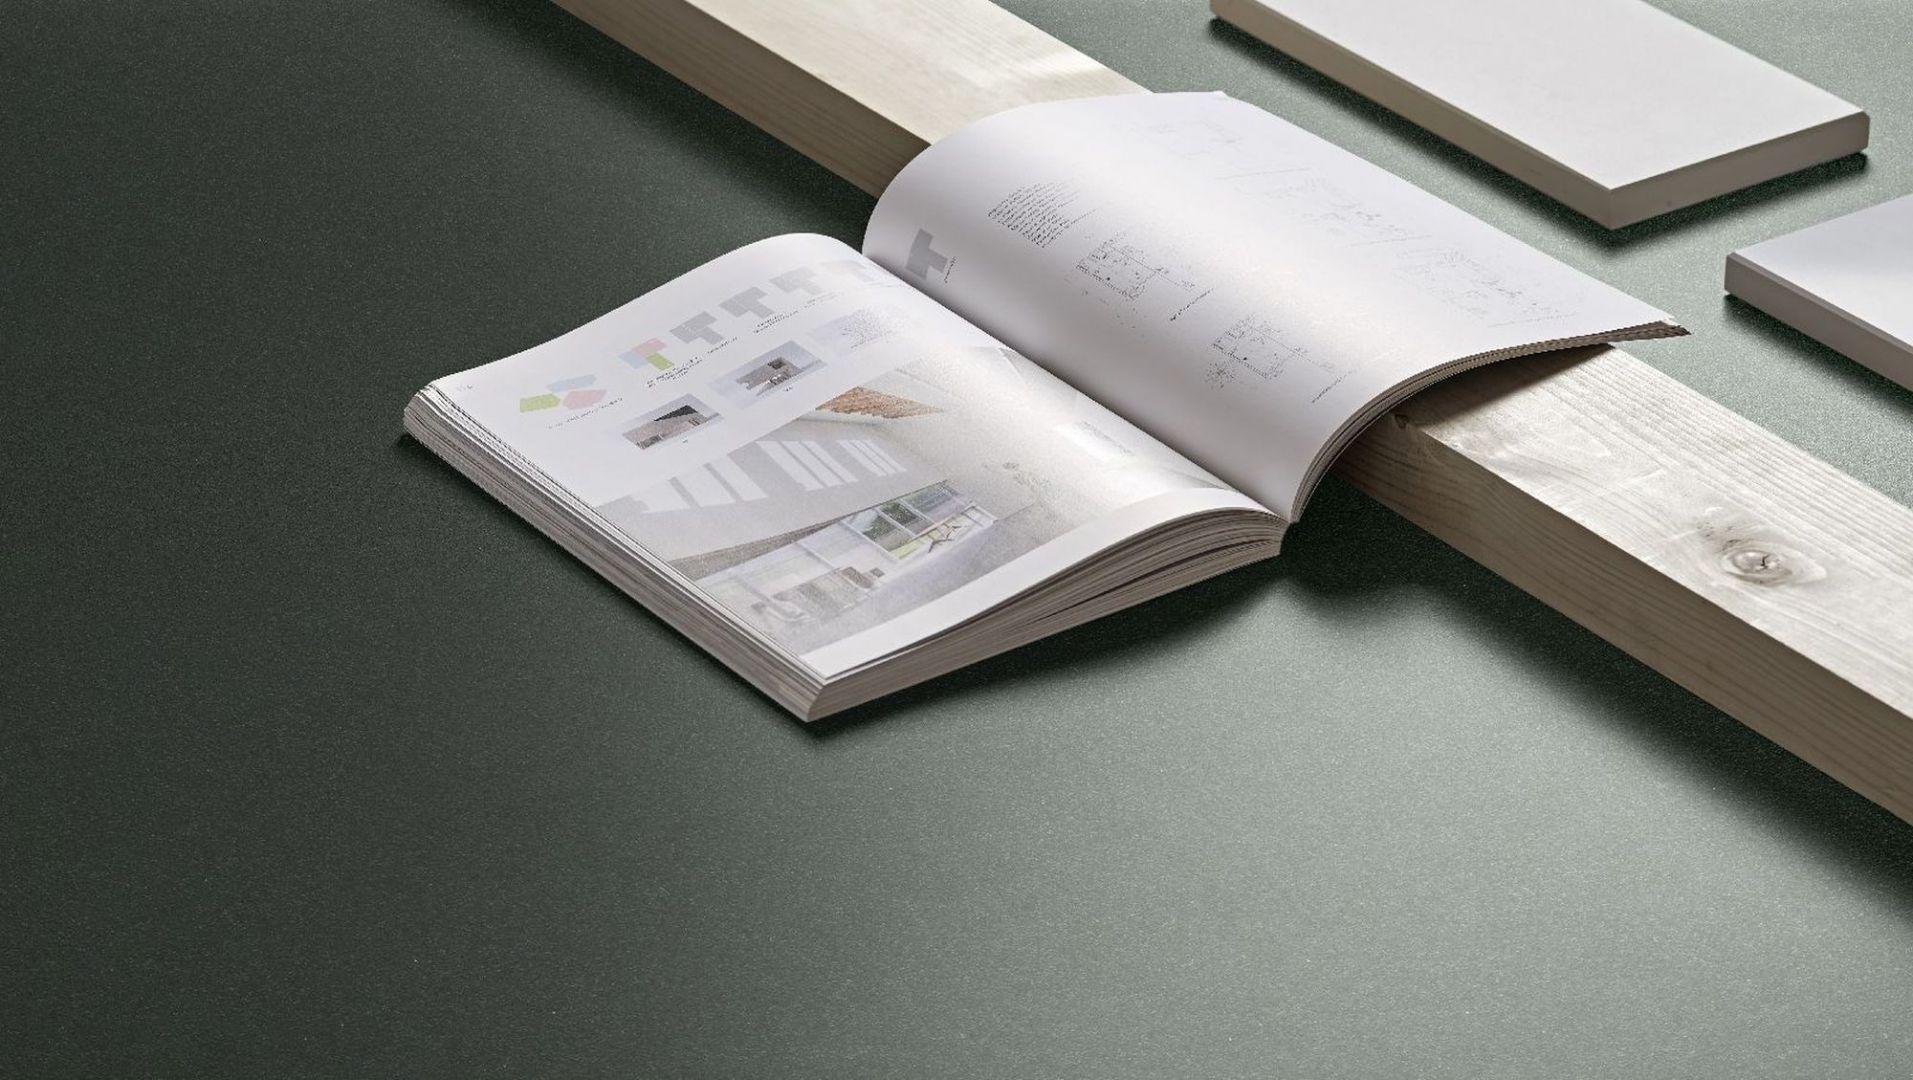 Blaty, podłogi i ściany: wybierz idealny materiał. Fot. Cosentino